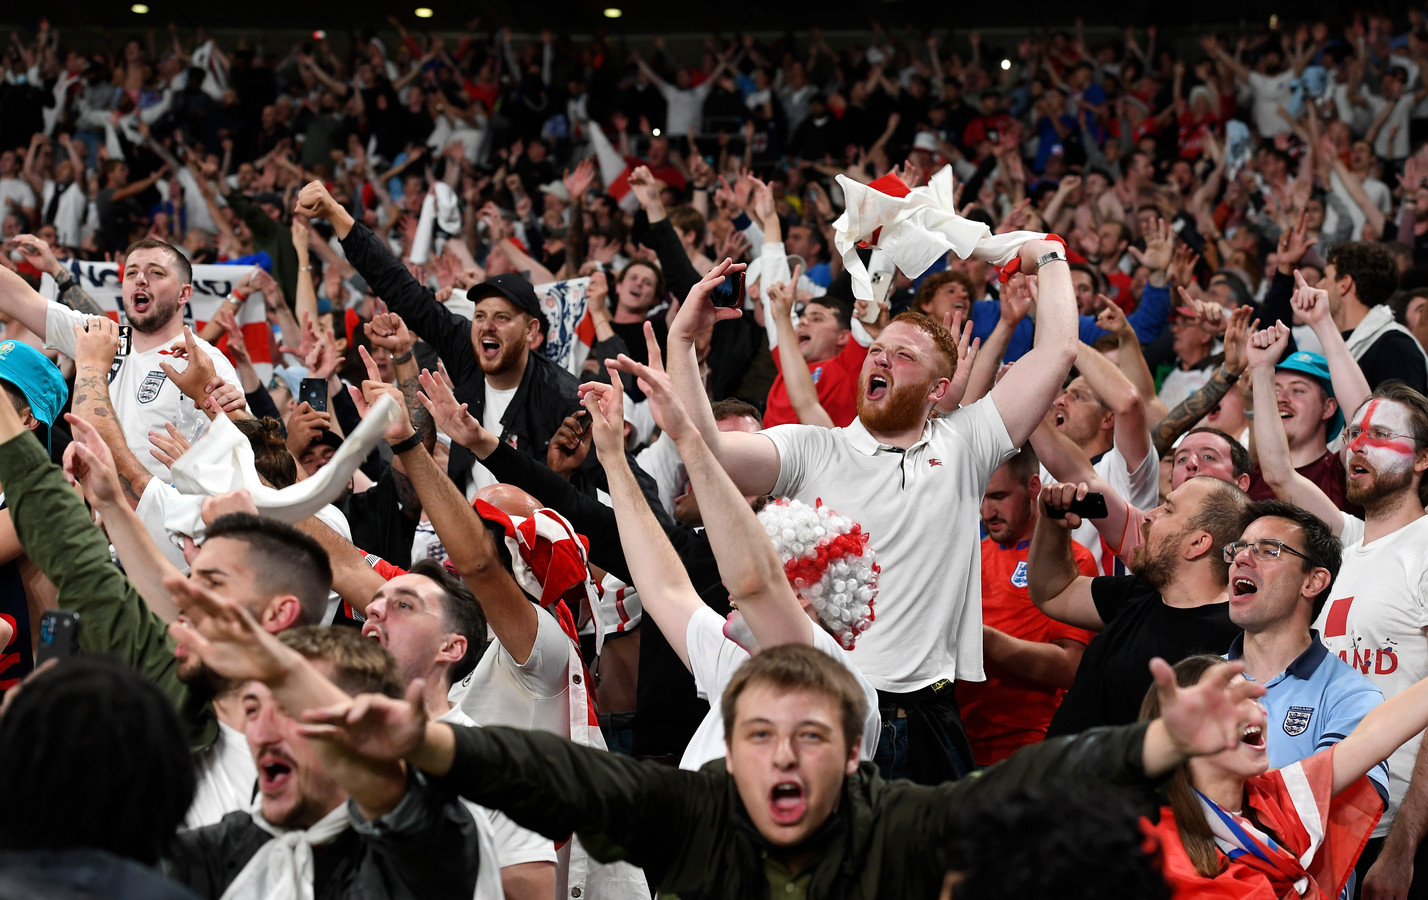 Engelse fans vieren het bereiken van de EK-finale, zondag tegen Italië.